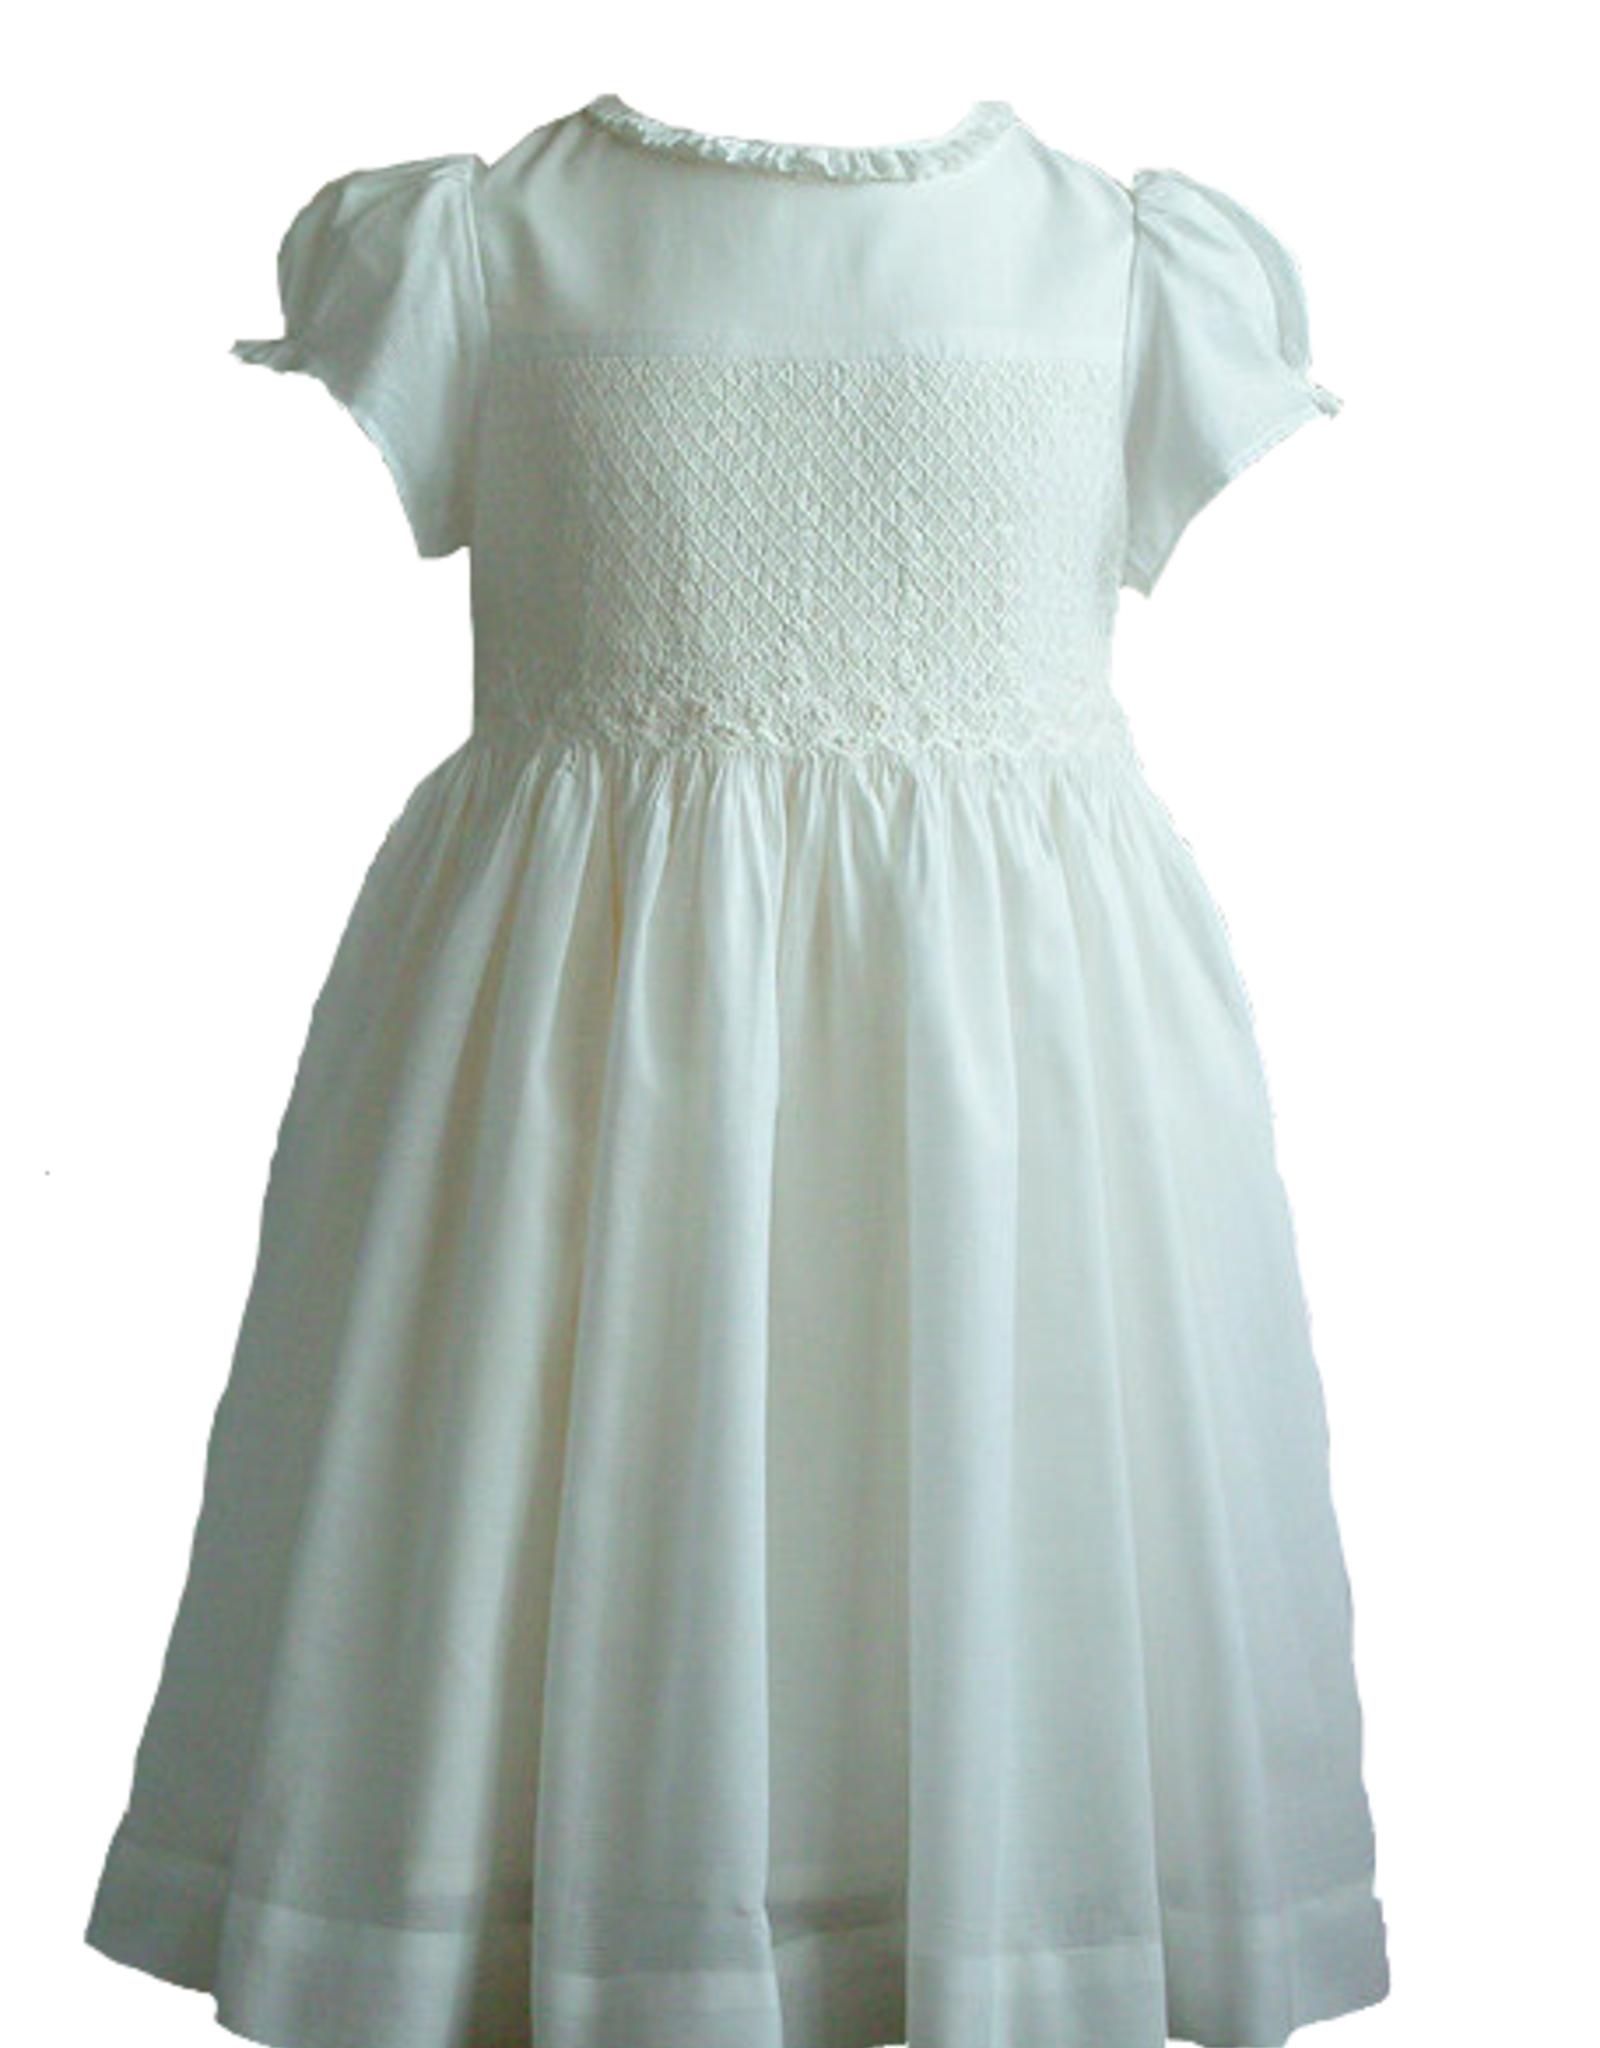 Antoinette Paris Valse Antionette Paris Dress